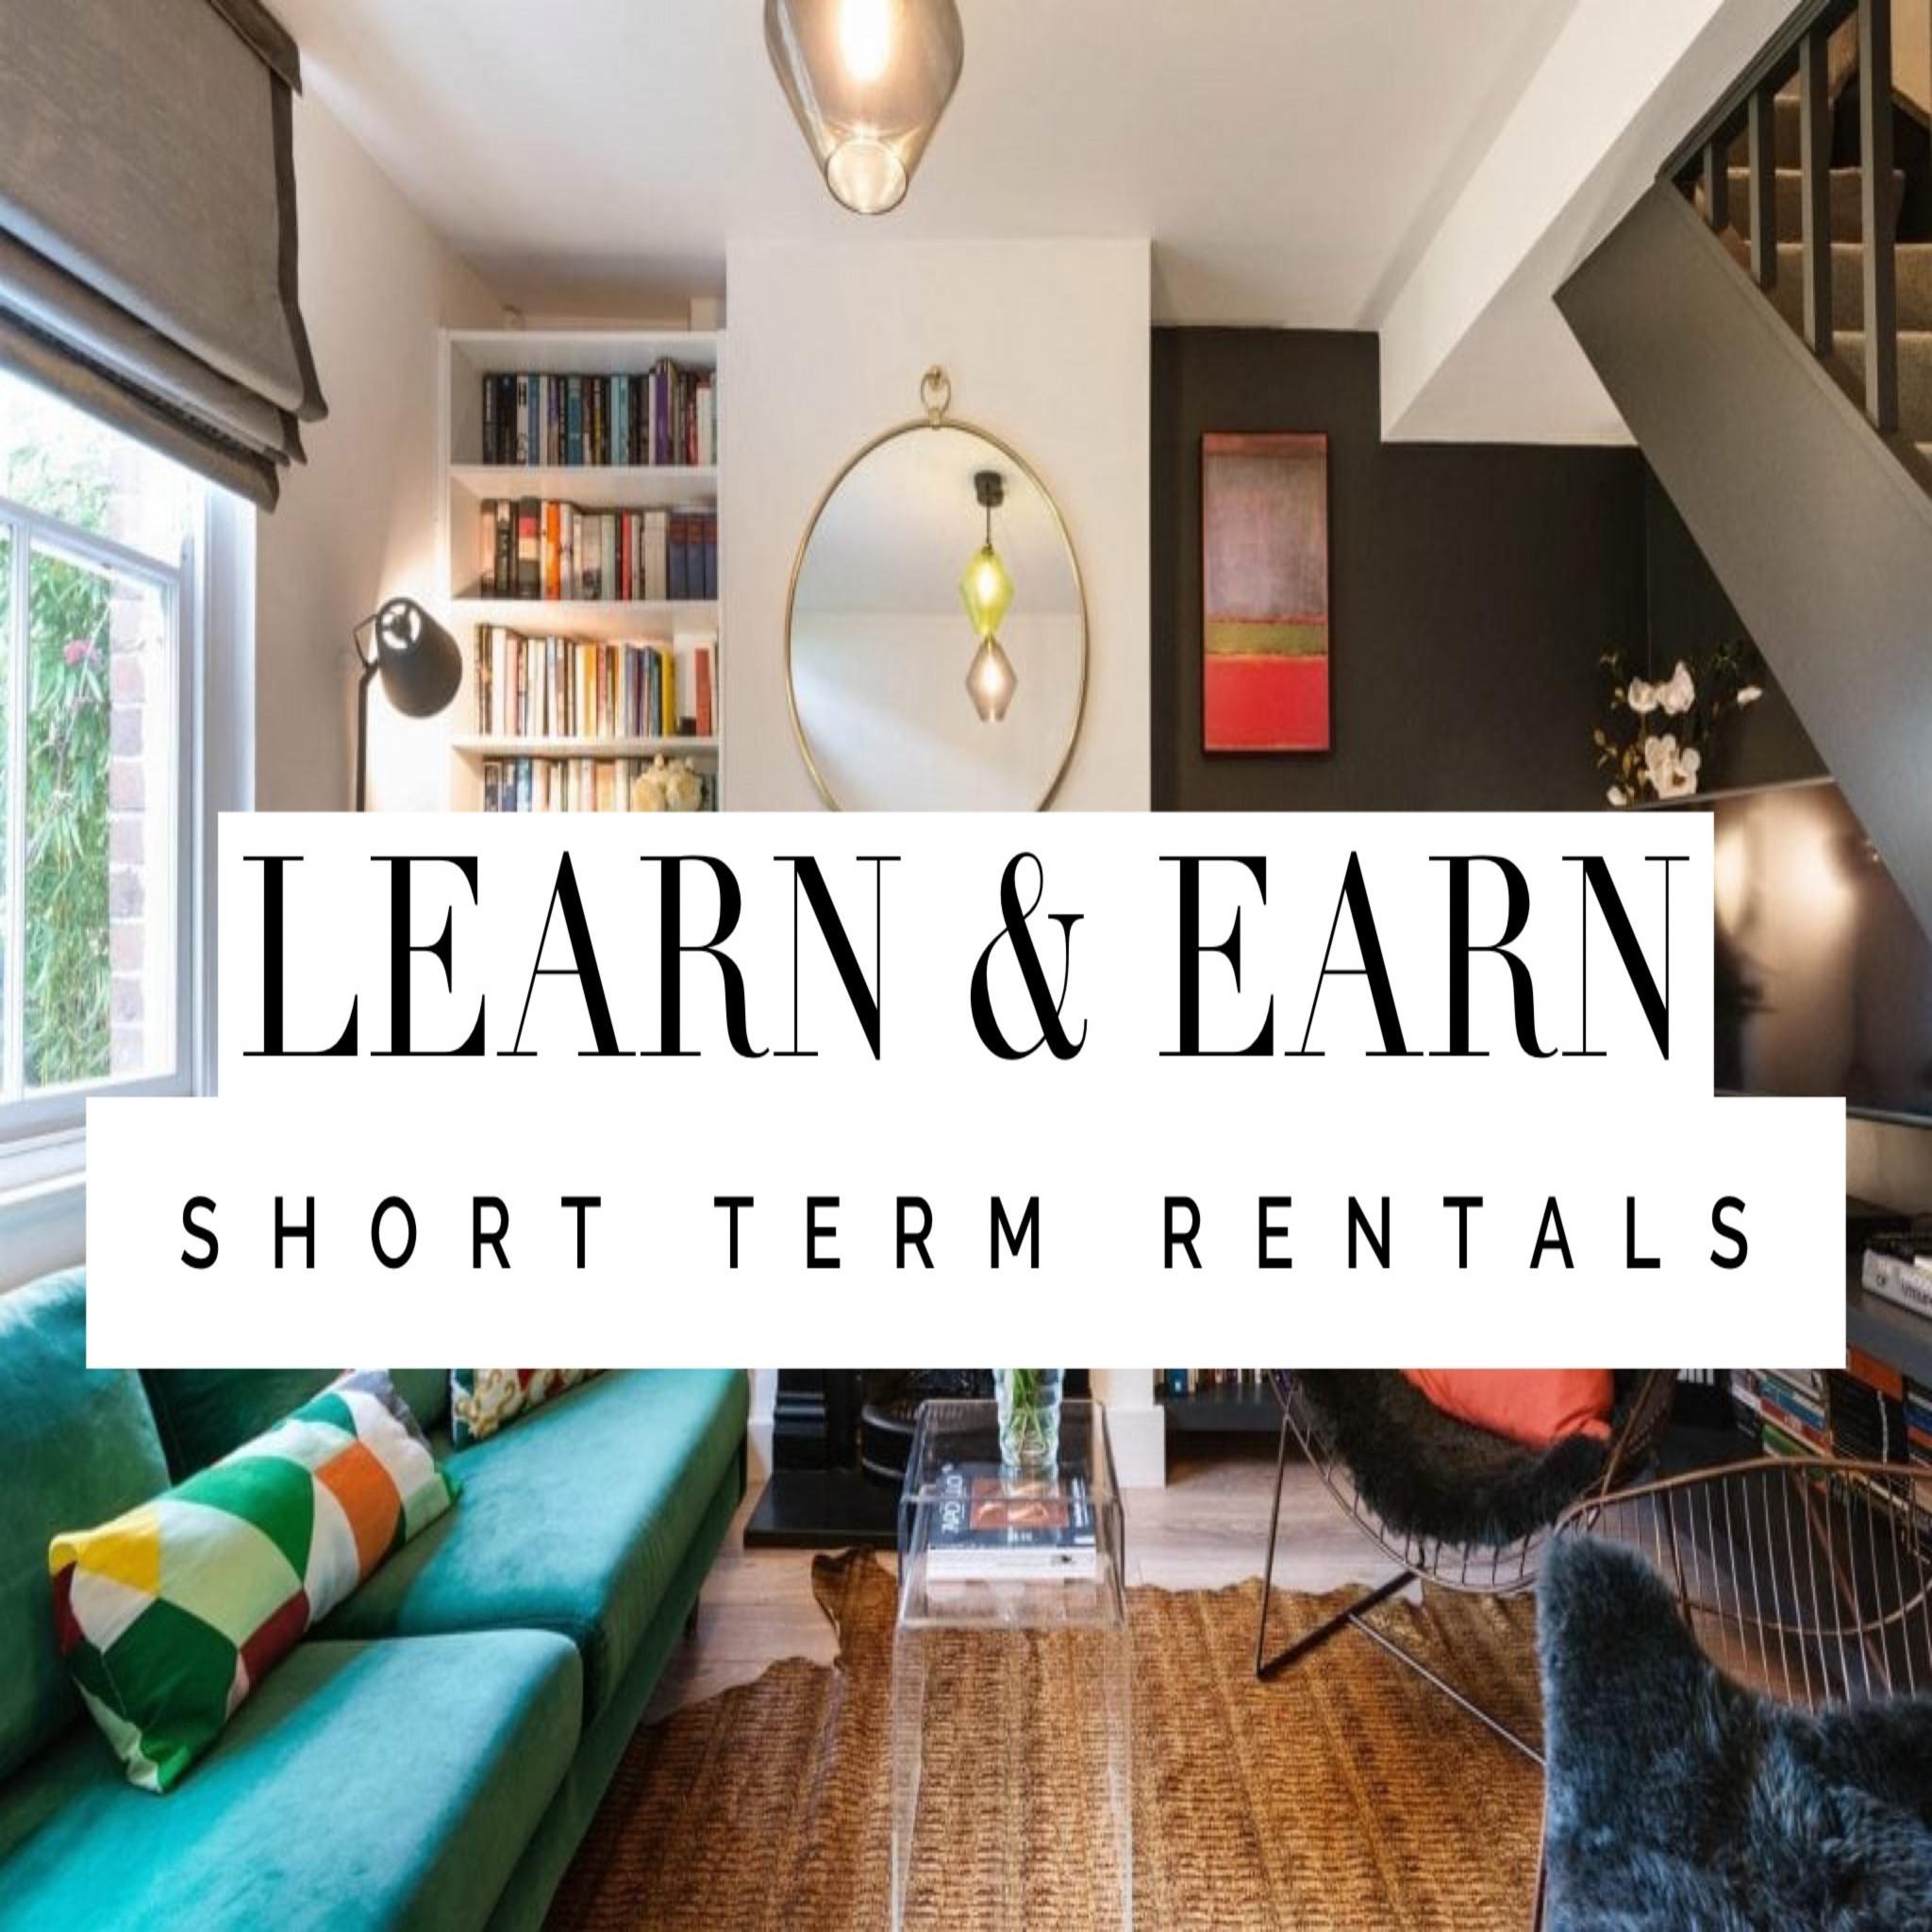 Learn & Earn: Short Term Rentals